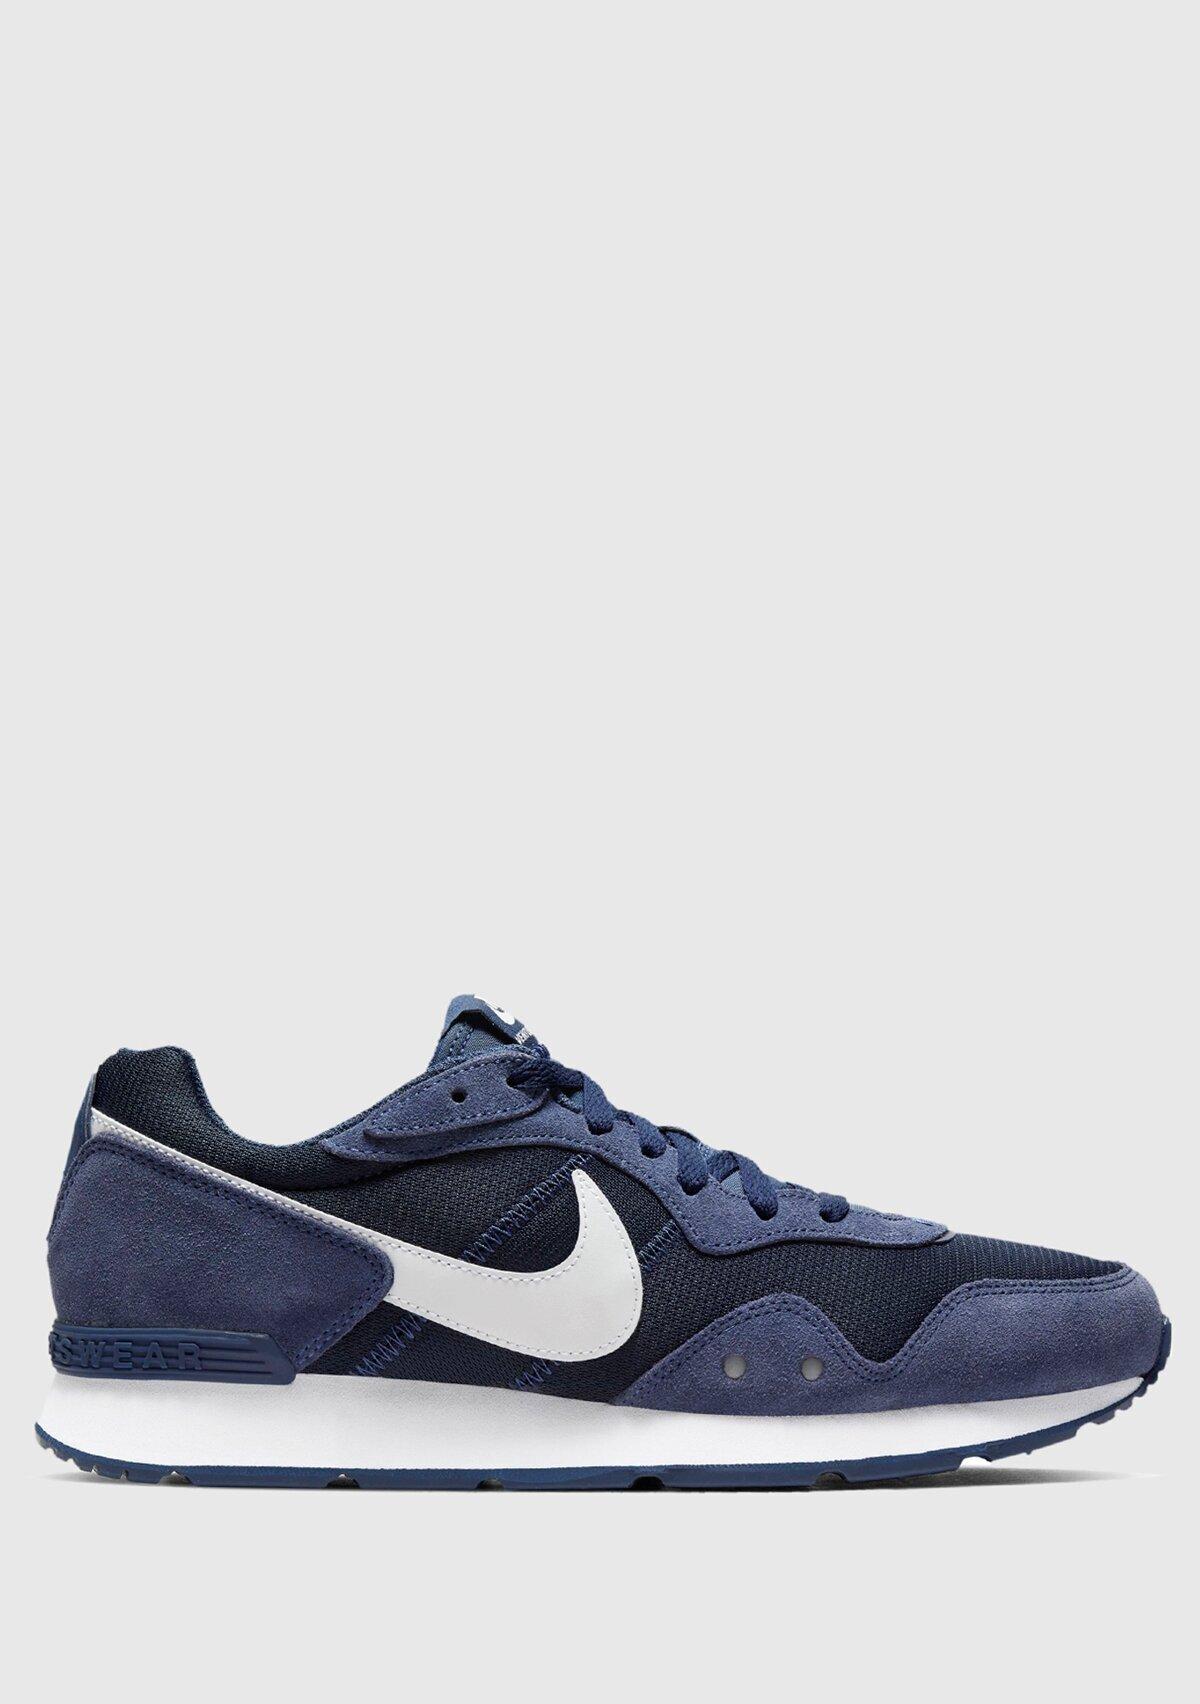 resm Venture Runner Lacivert Kadın Koşu Ayakkabısı Ck2944-400